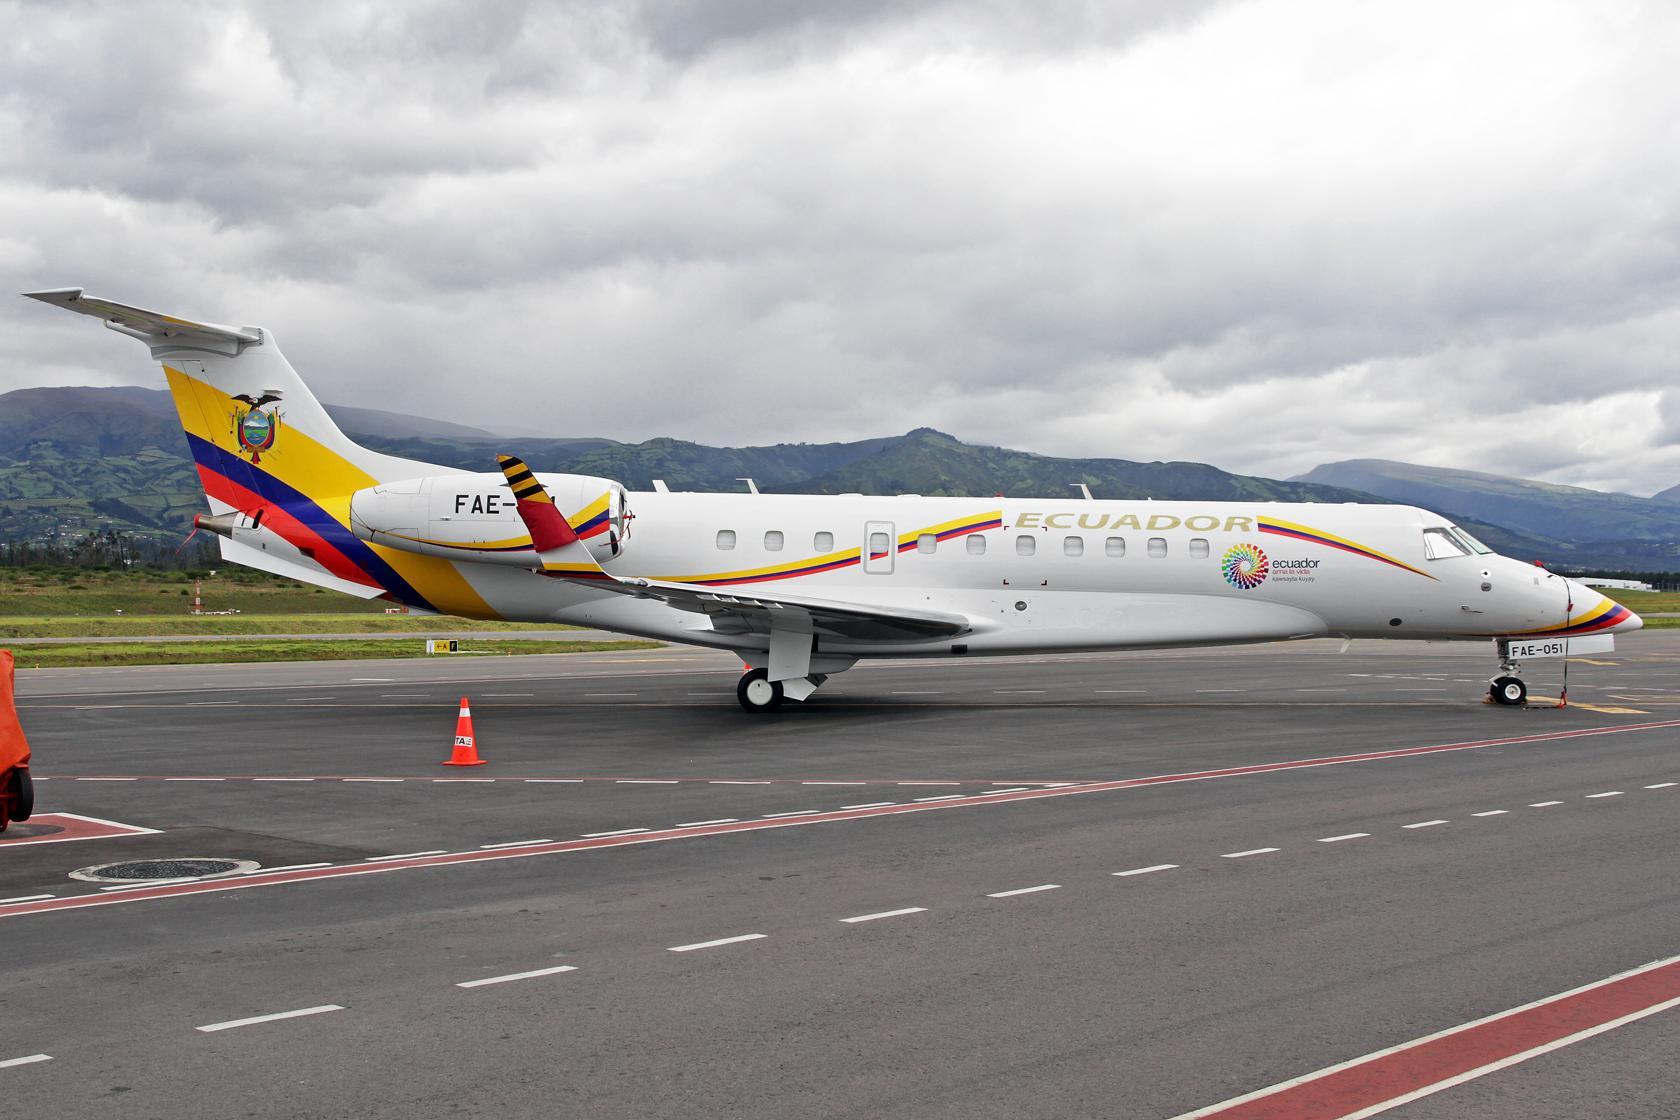 Fuerza Aérea Ecuatoriana Embraer EMB-135BJ Legacy 600 FAE-051 - Hier hatte ich ganz exklusiv die Ehre, diese Schönheit aus der Nähe ablichten zu dürfen. Normalerweise sind solche Aufnahmen nicht mehr möglich.